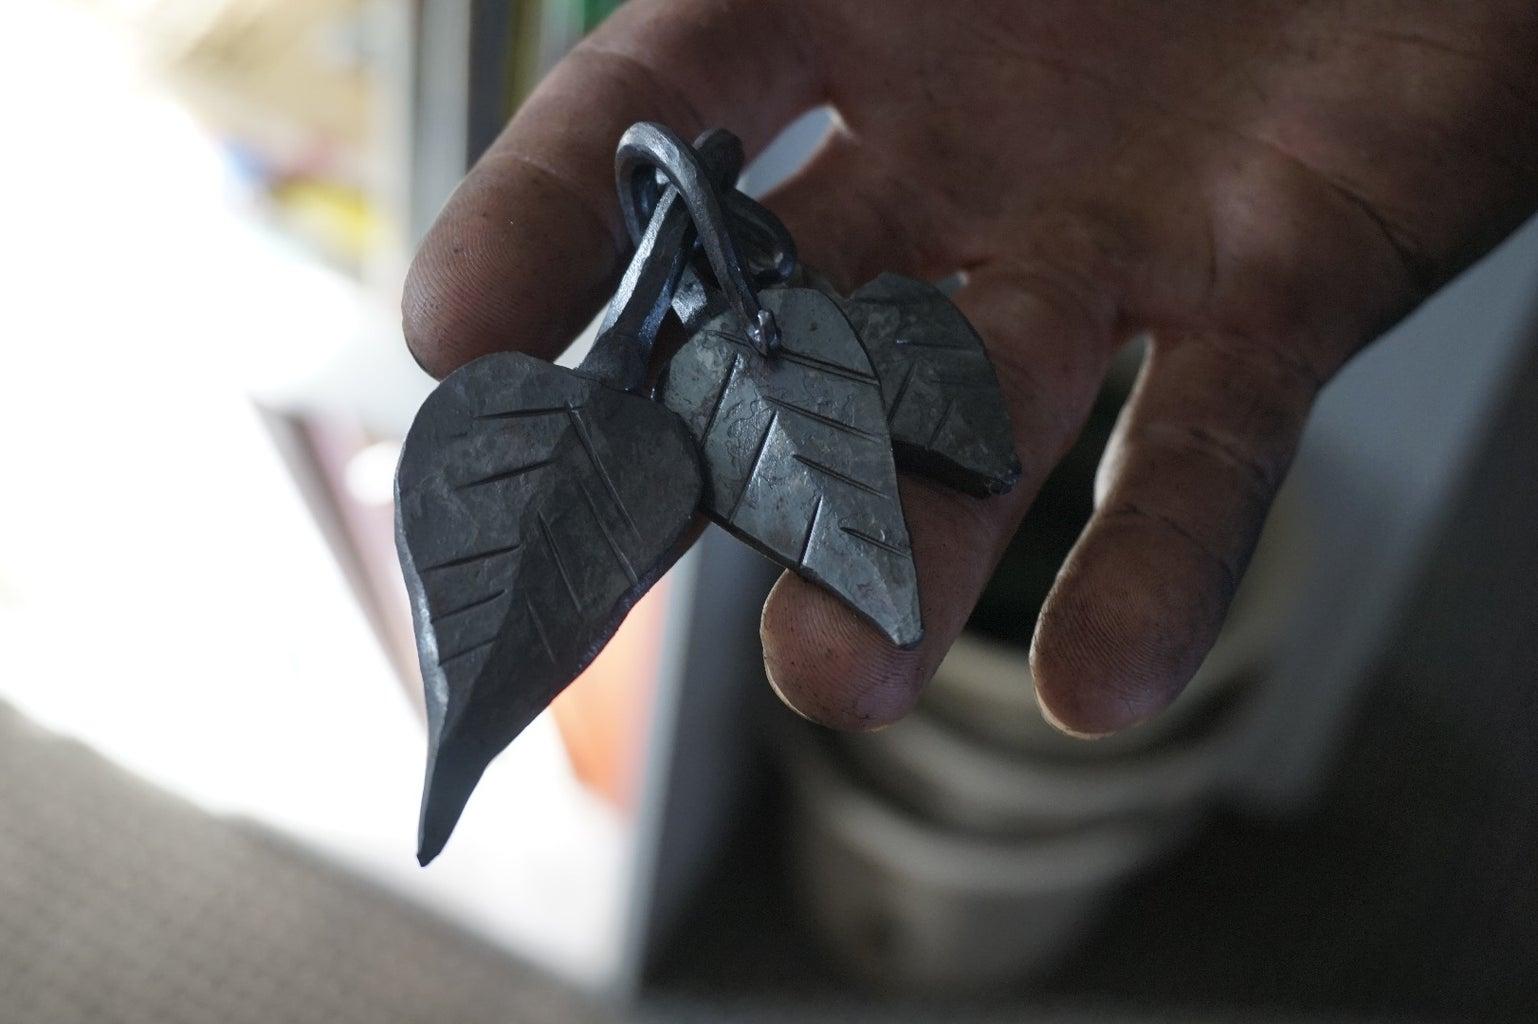 Forging a Leaf